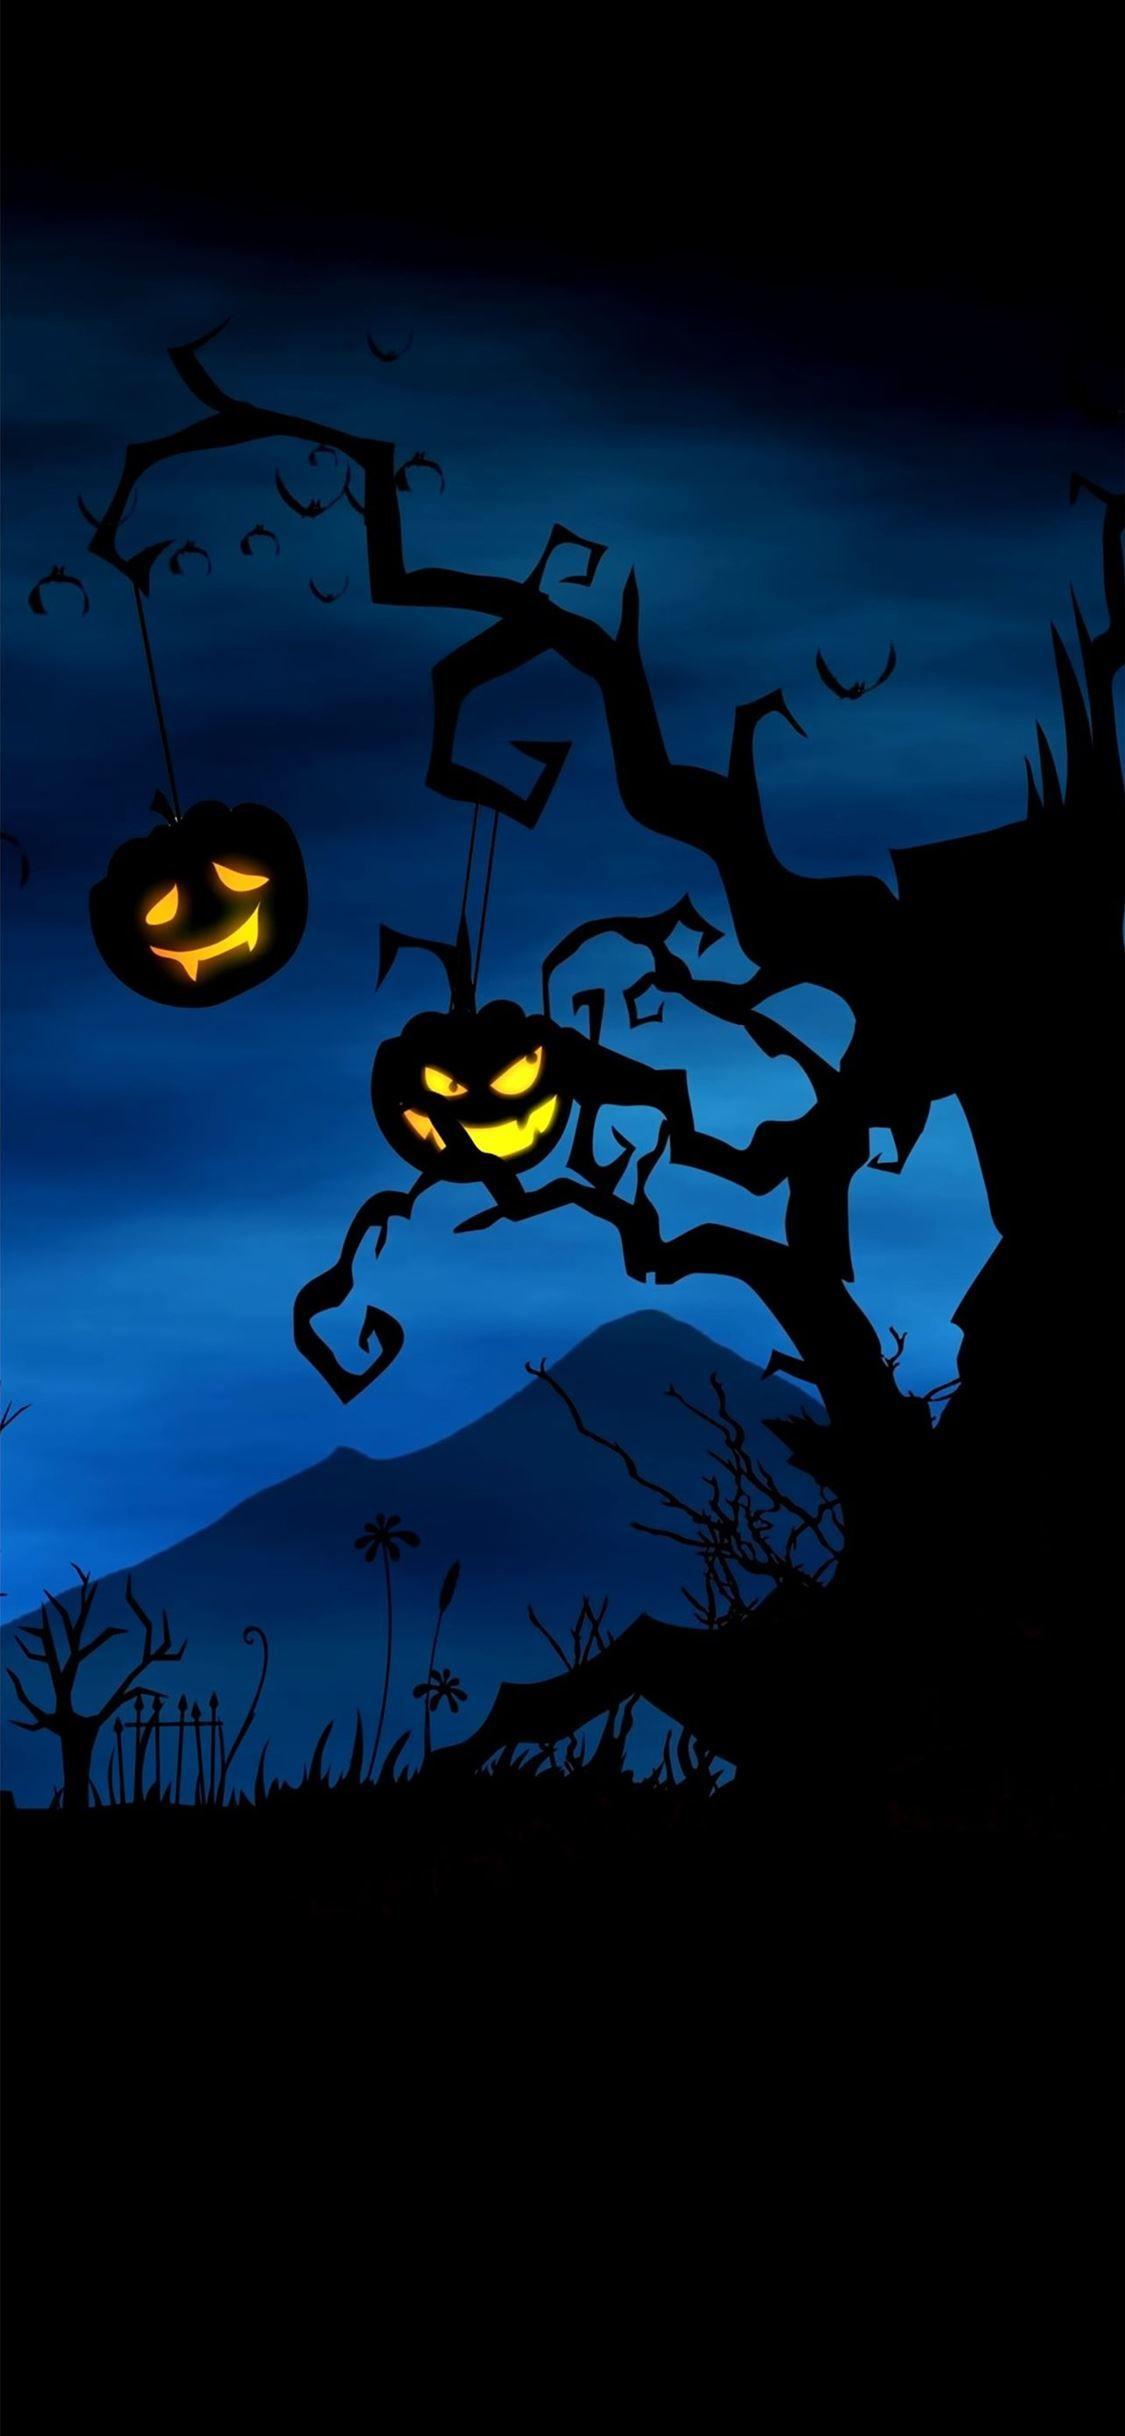 Halloween Iphone Halloween Trends Iphonexwallpaper Halloween Wallpaper Iphone Iphone Wallpaper Nasa Wallpaper Creepy